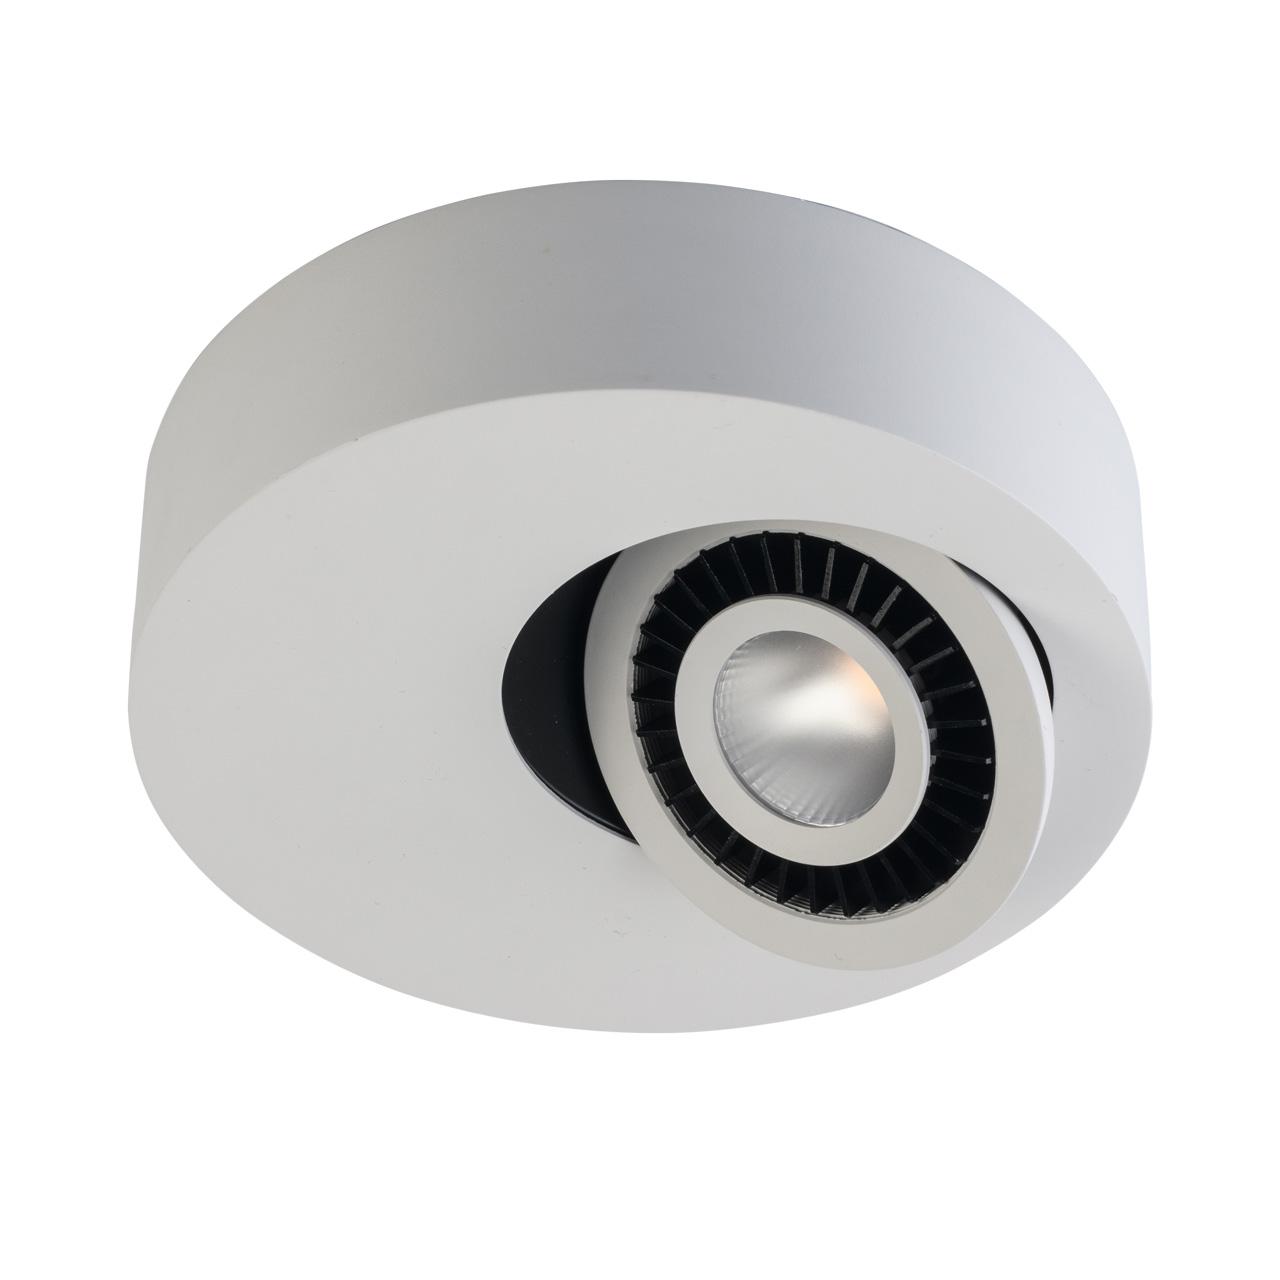 Светильник De markt 637016401 1/7w led светильник de markt 813010401